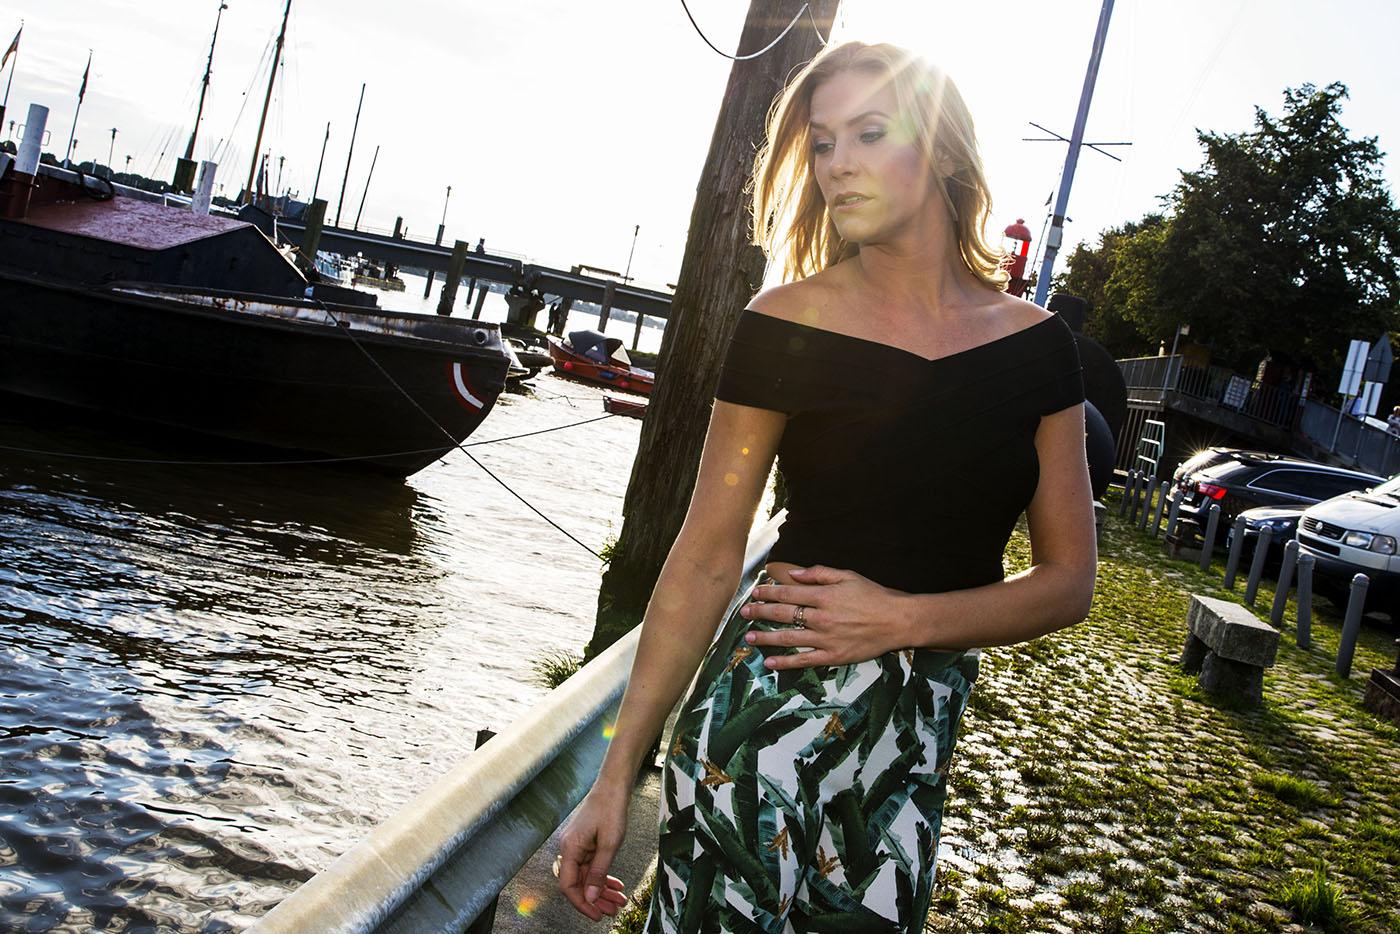 Schauspielerin Laura Preiss in Hamburg Copyright: Christina Czybik / ActionPress